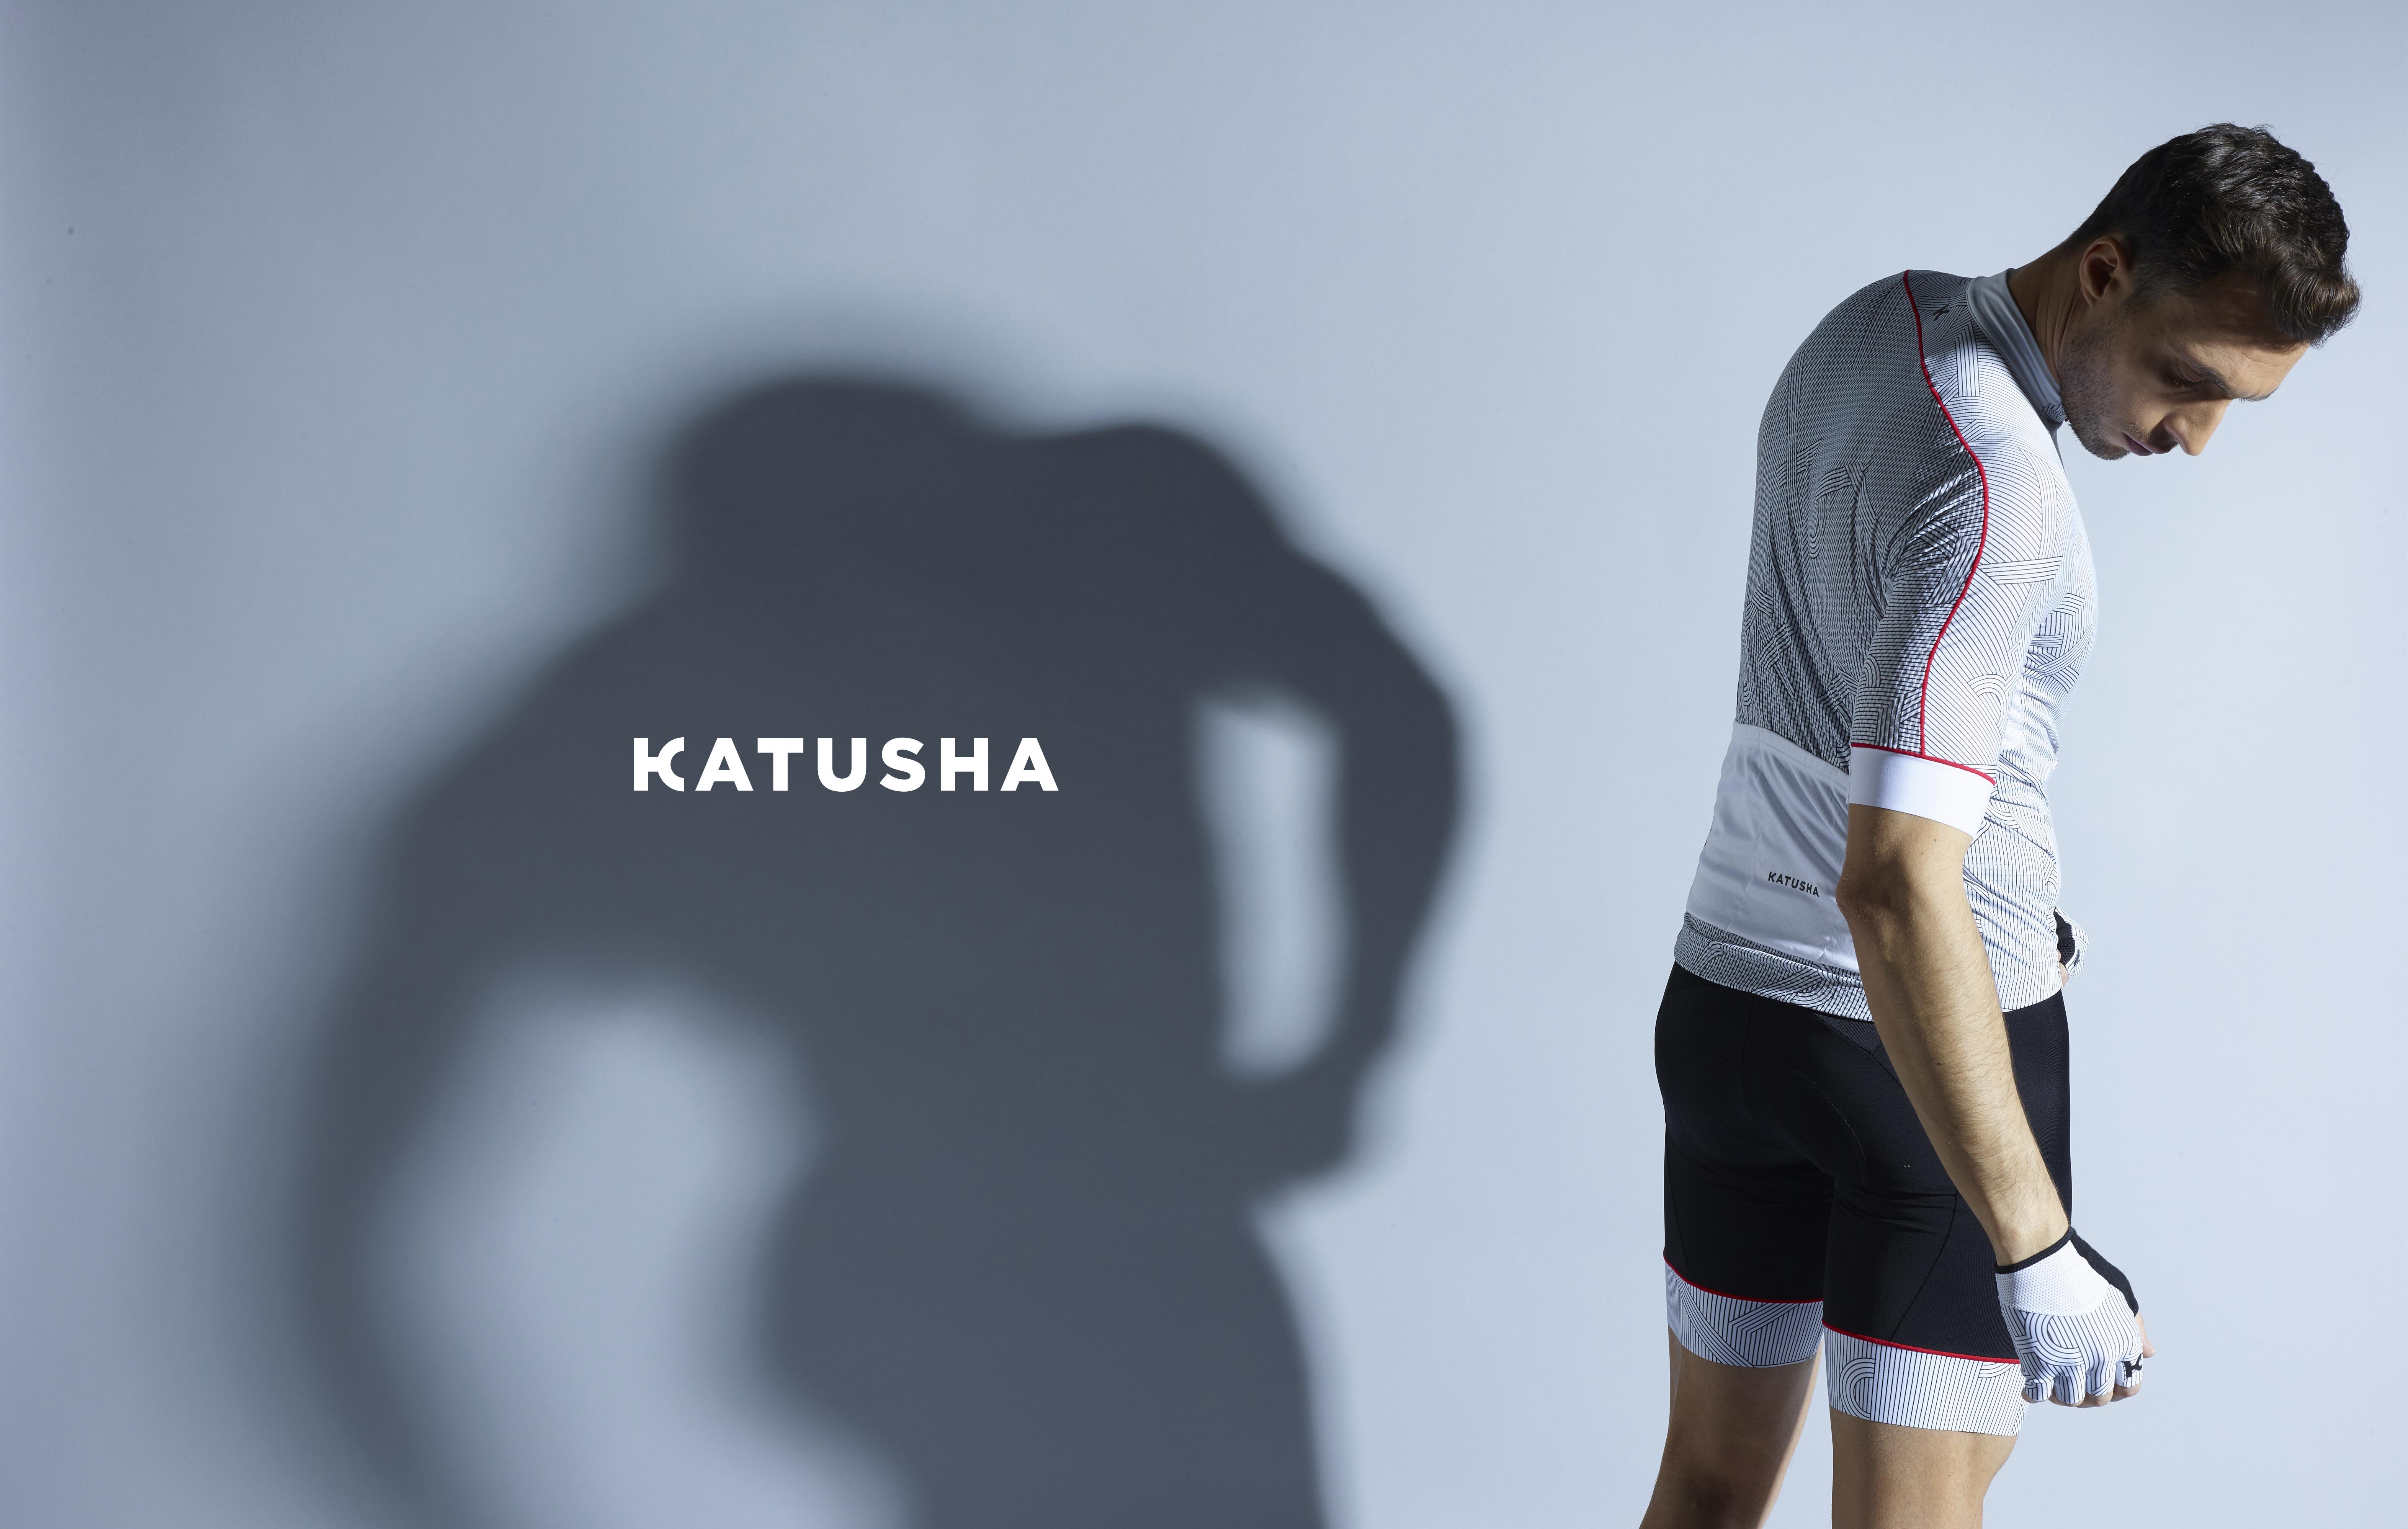 Katusha, cycling